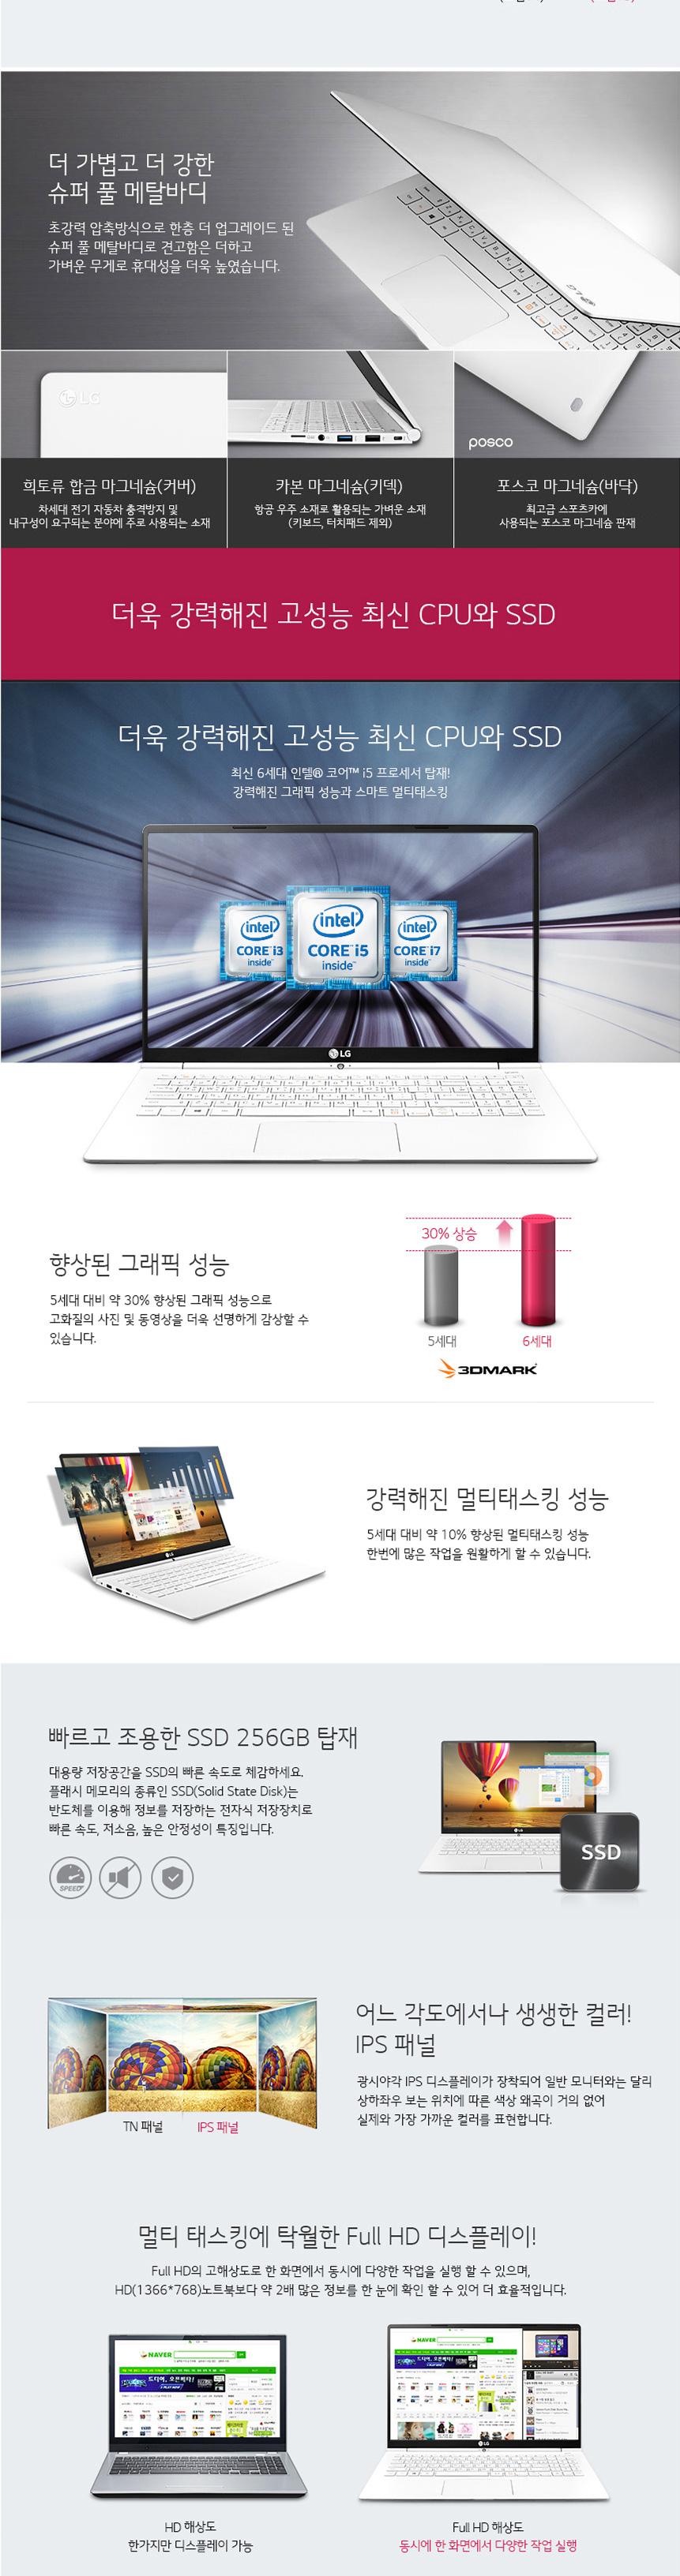 lg 노트북 소프트웨어